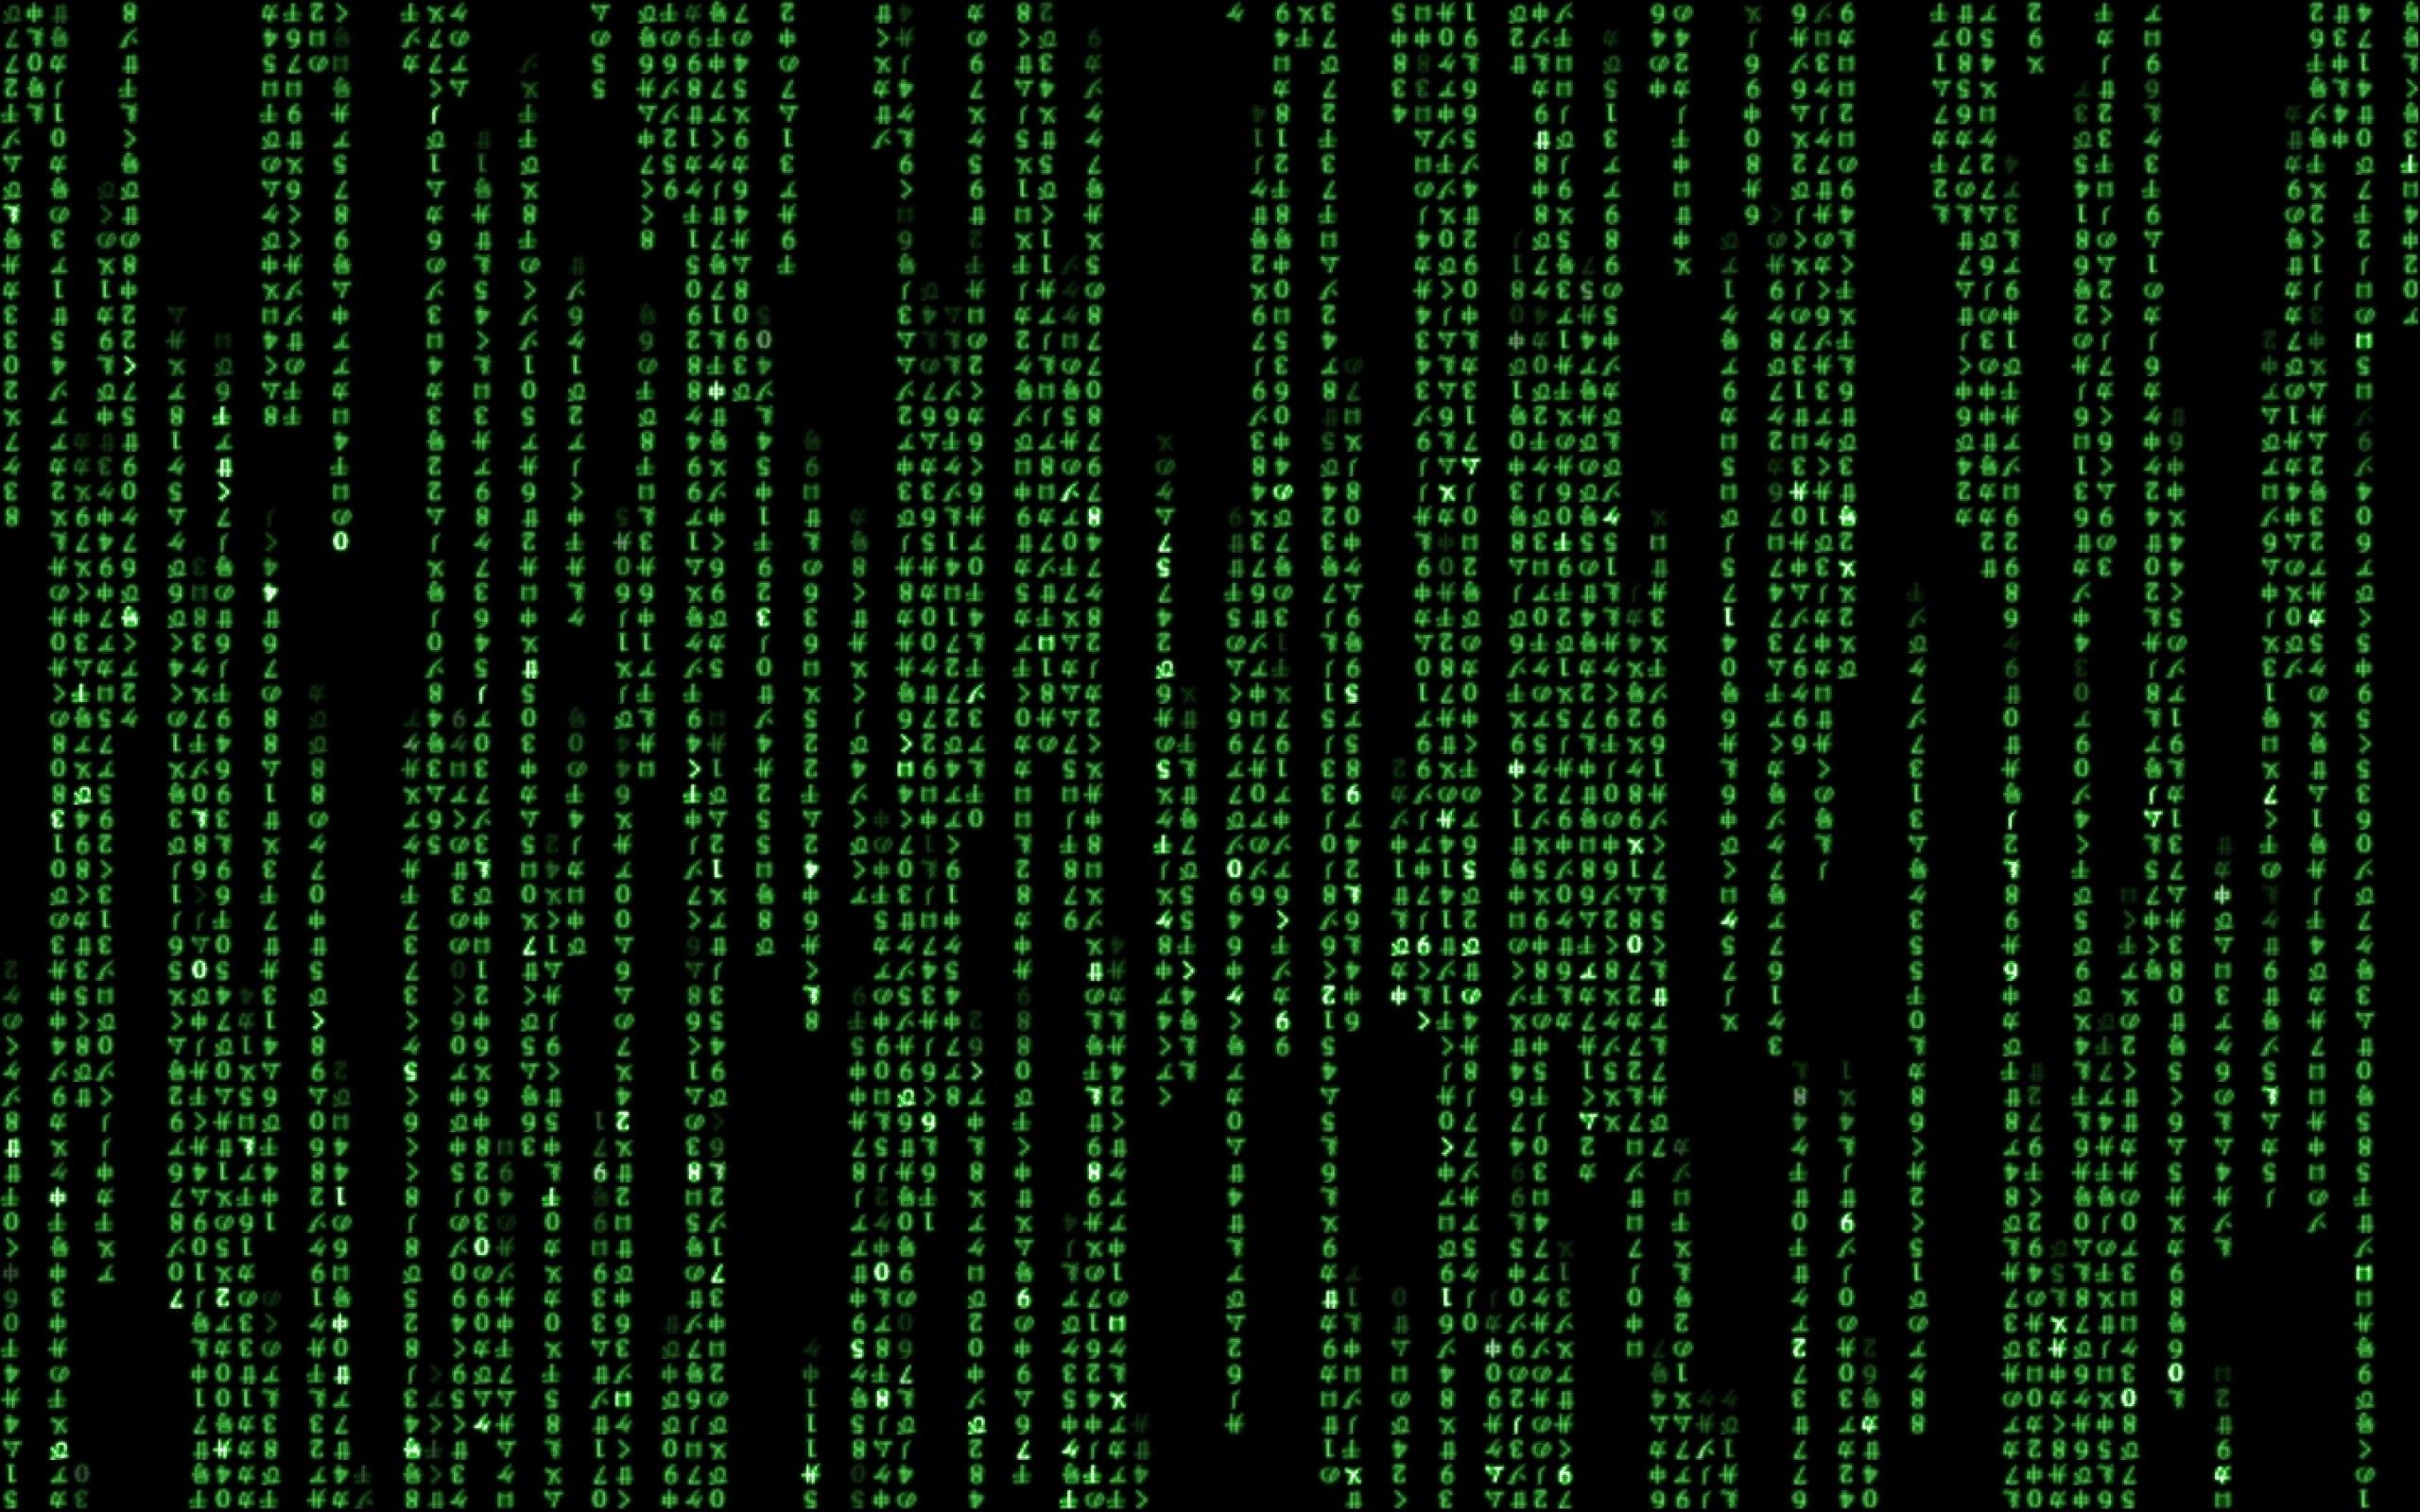 El web scrapping, que es y como se utiliza